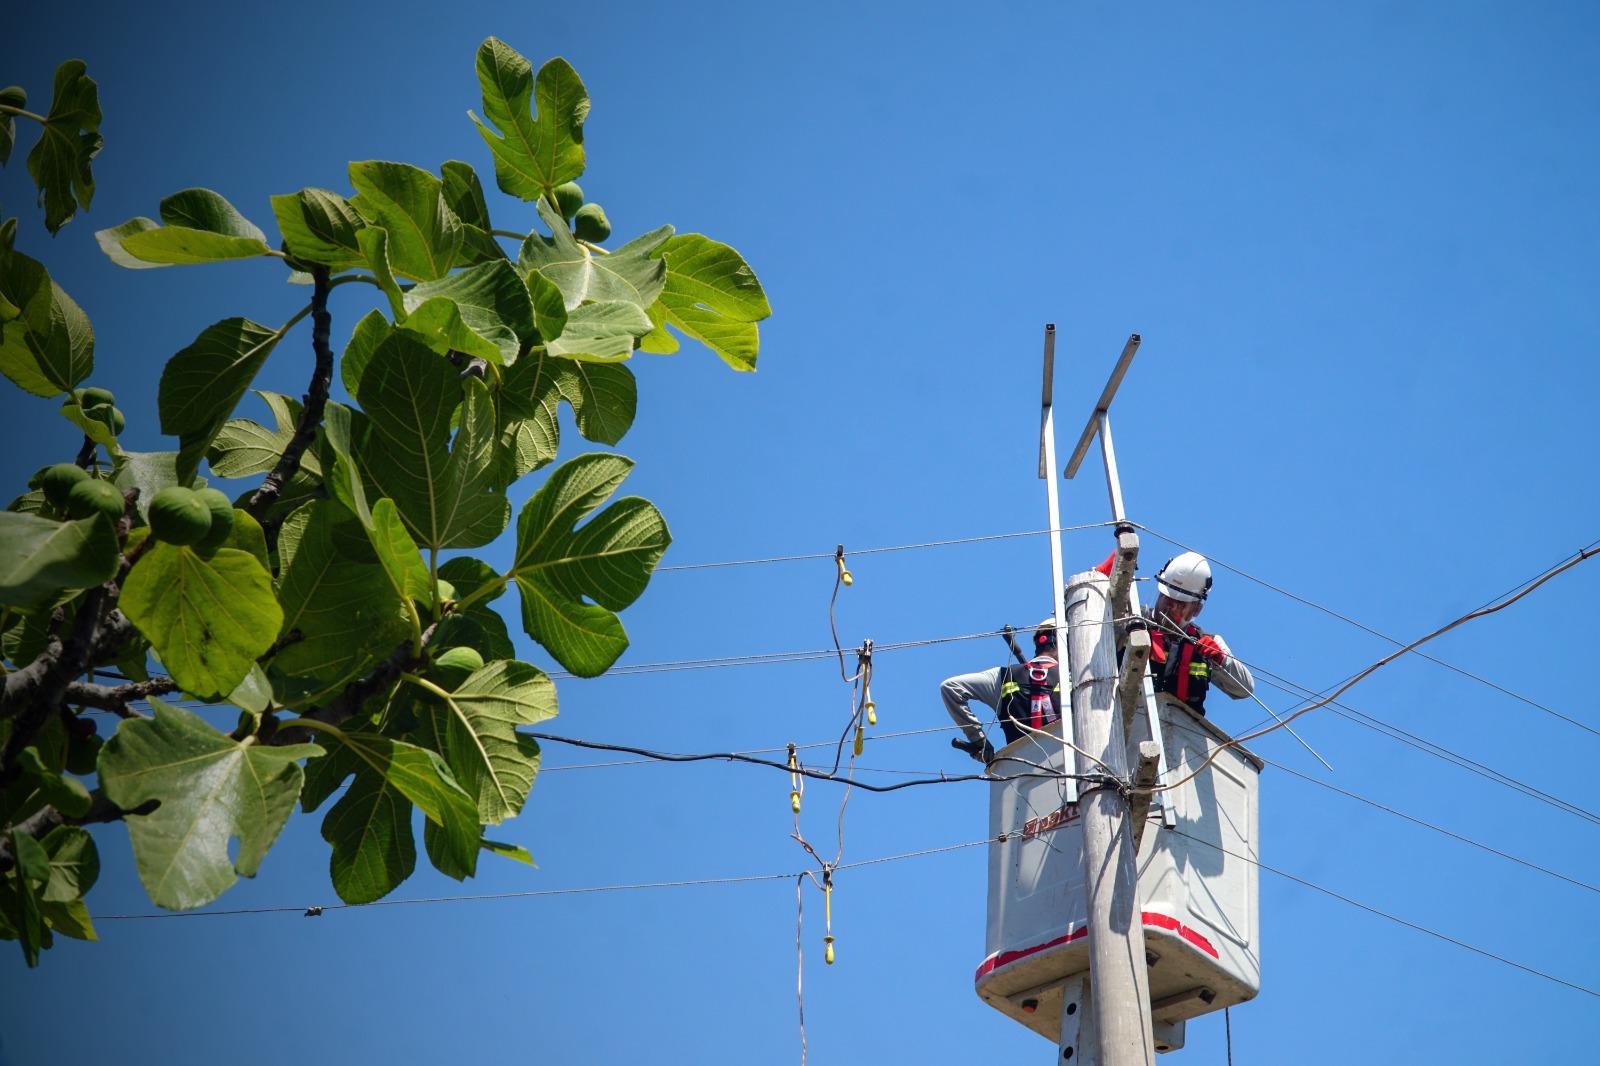 İstanbul elektrik kesintisi ne zaman gelir 22 Temmuz Perşembe? İstanbul planlı elektrik kesintileri (AYEDAŞ-BEDAŞ)